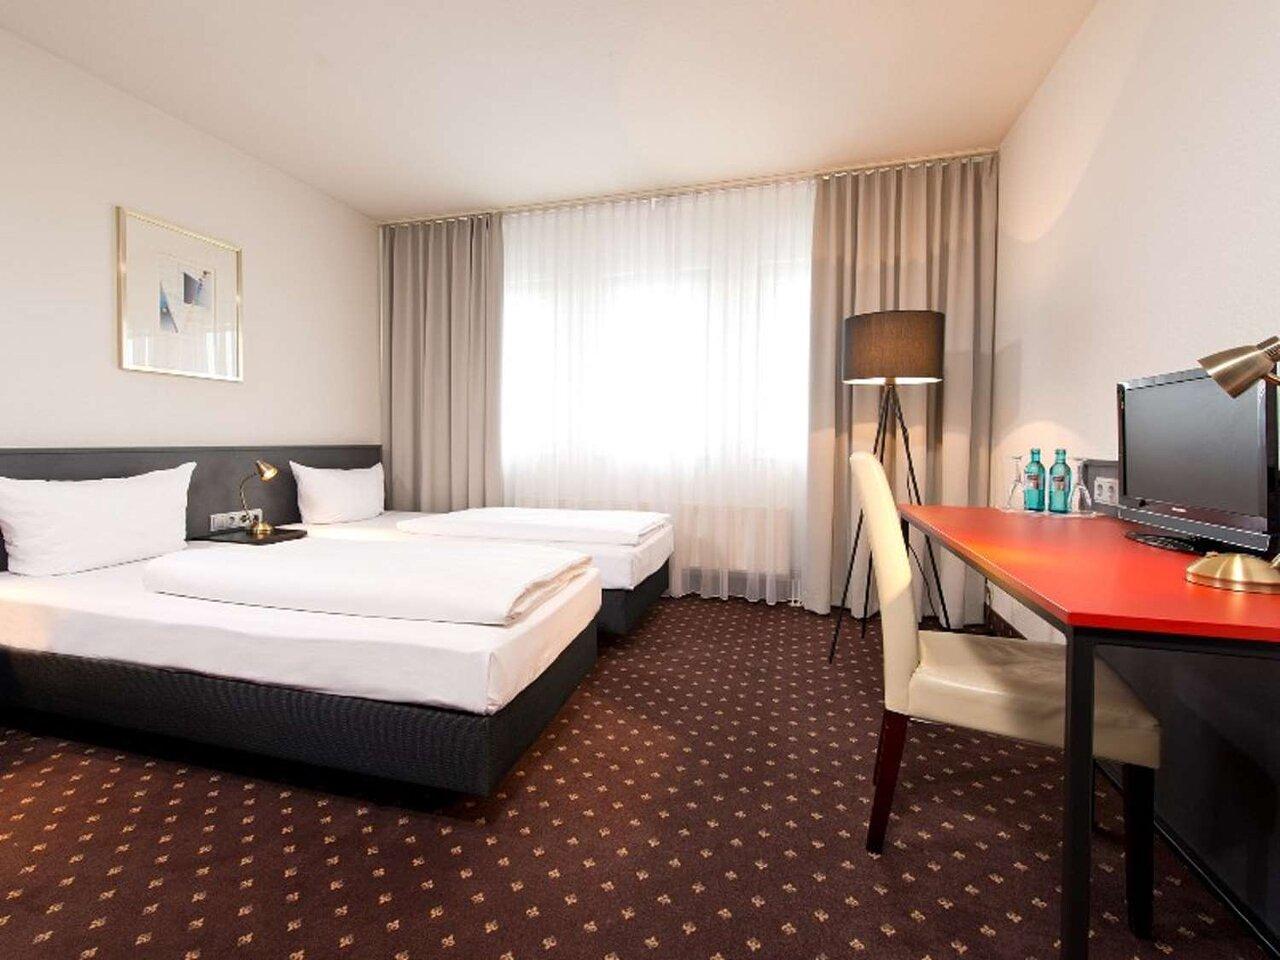 Achat Hotel Hockenheim Ab 68 7 6 Bewertungen Fotos Preisvergleich Tripadvisor